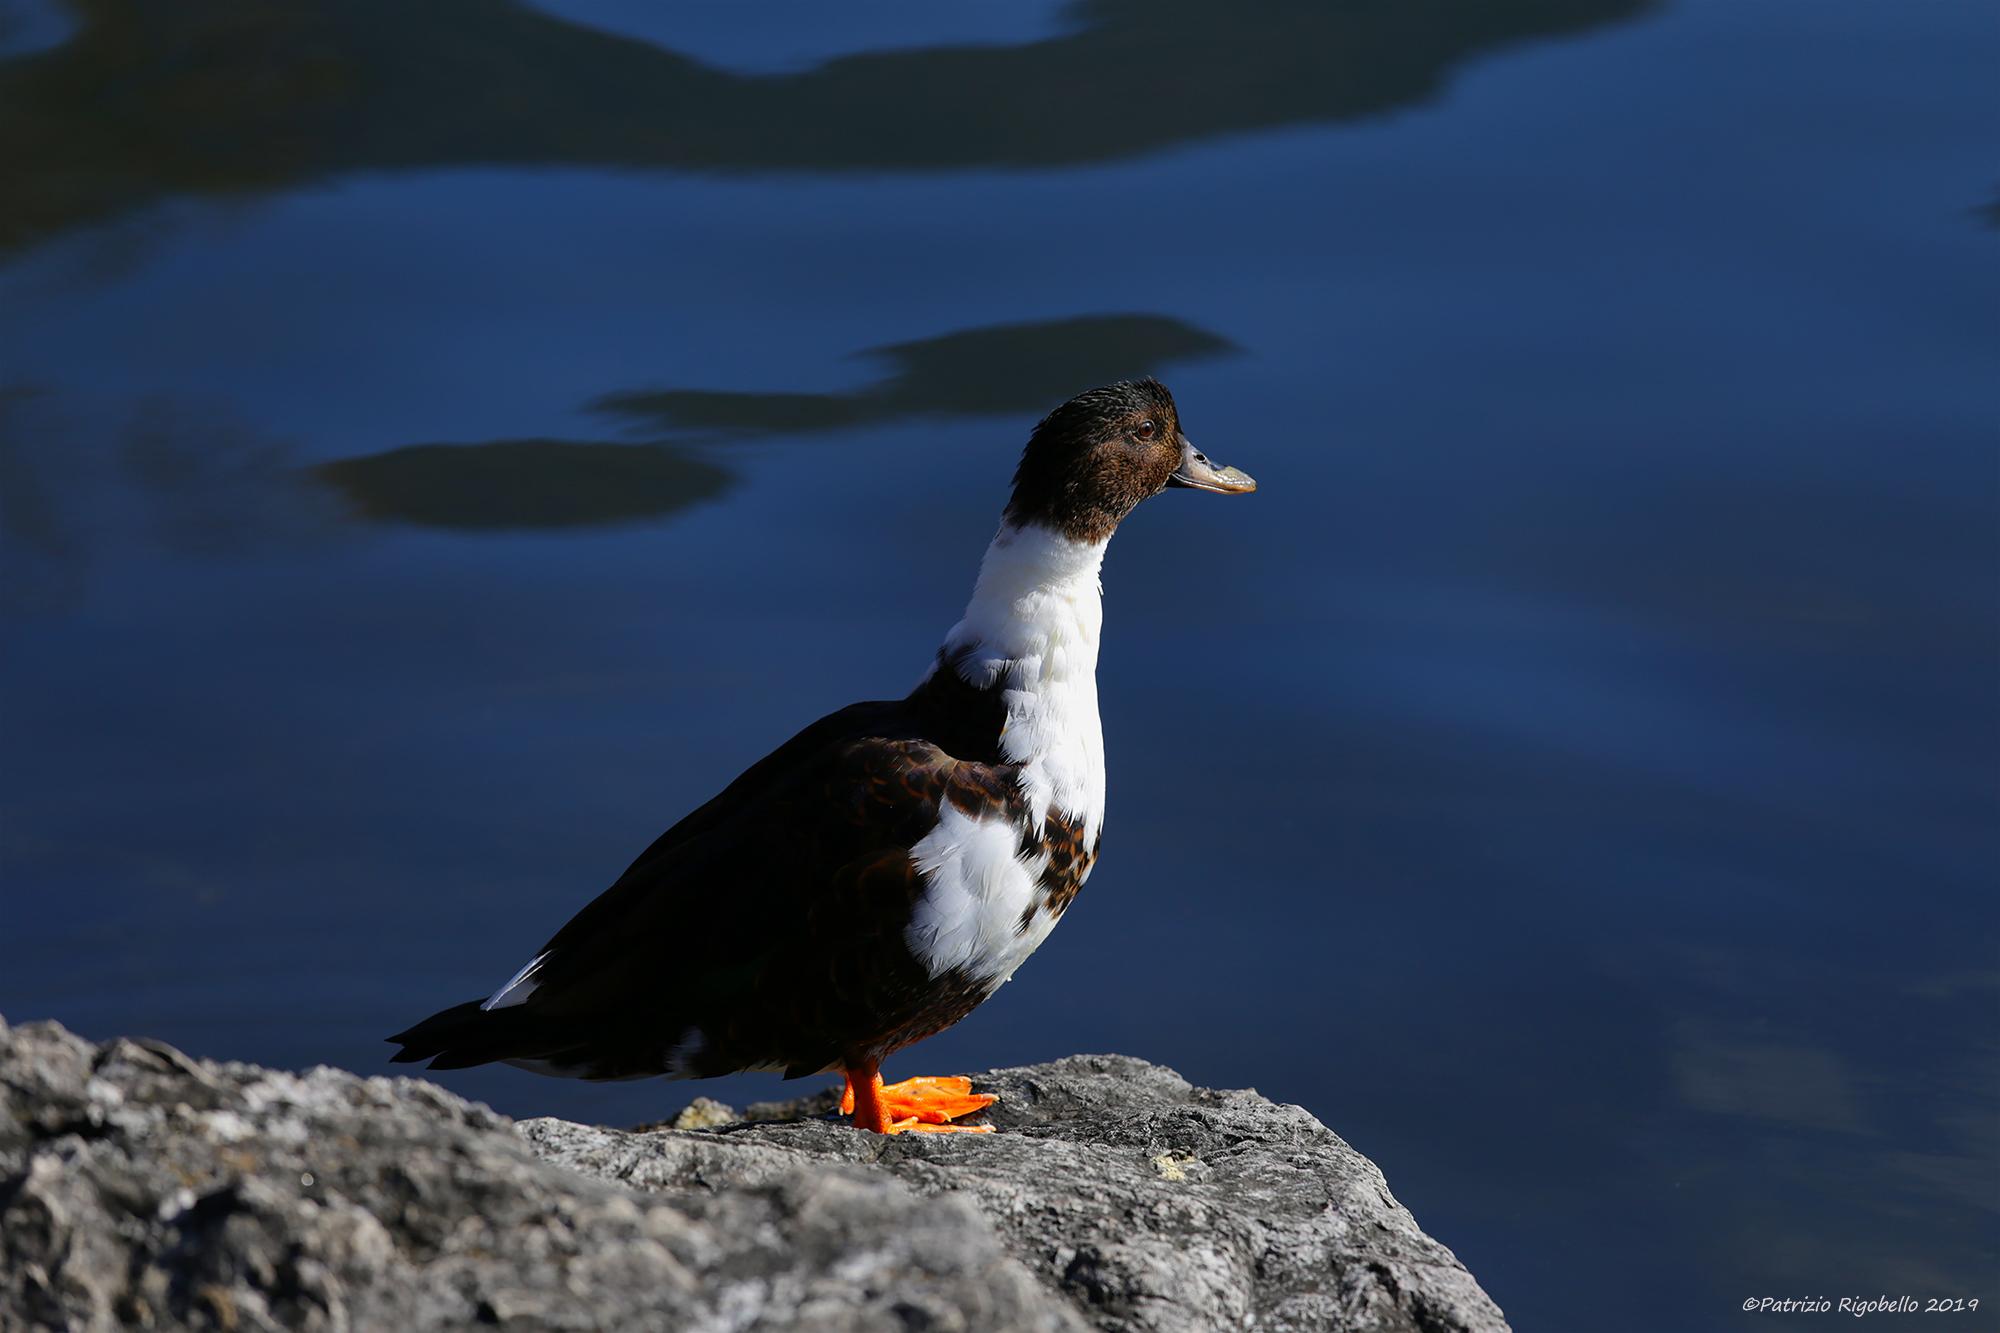 Contemplating Lake Toblino...